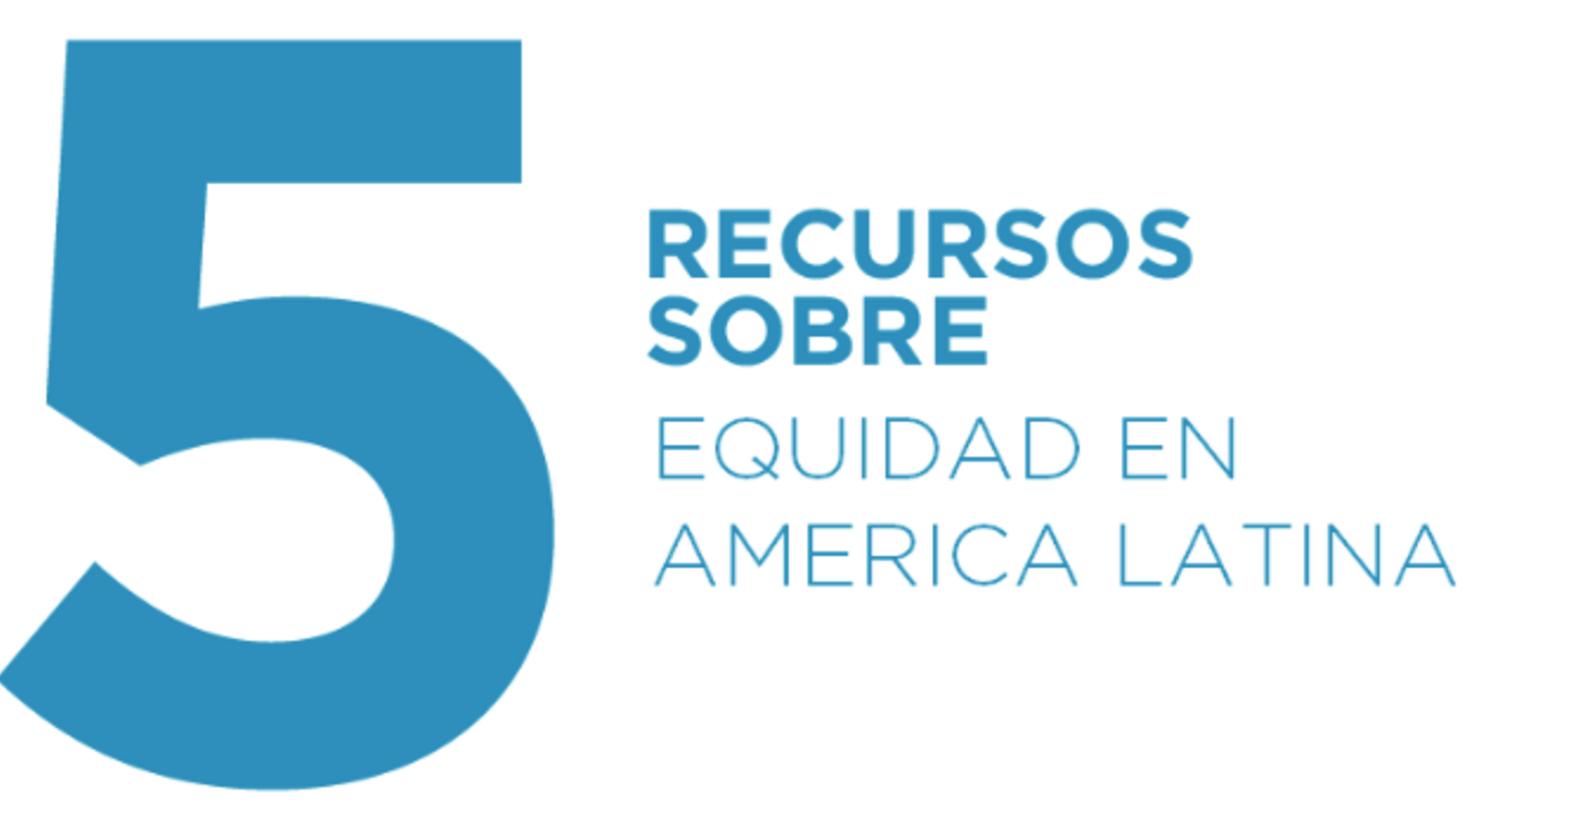 5 Recursos sobre equidad en América Latina